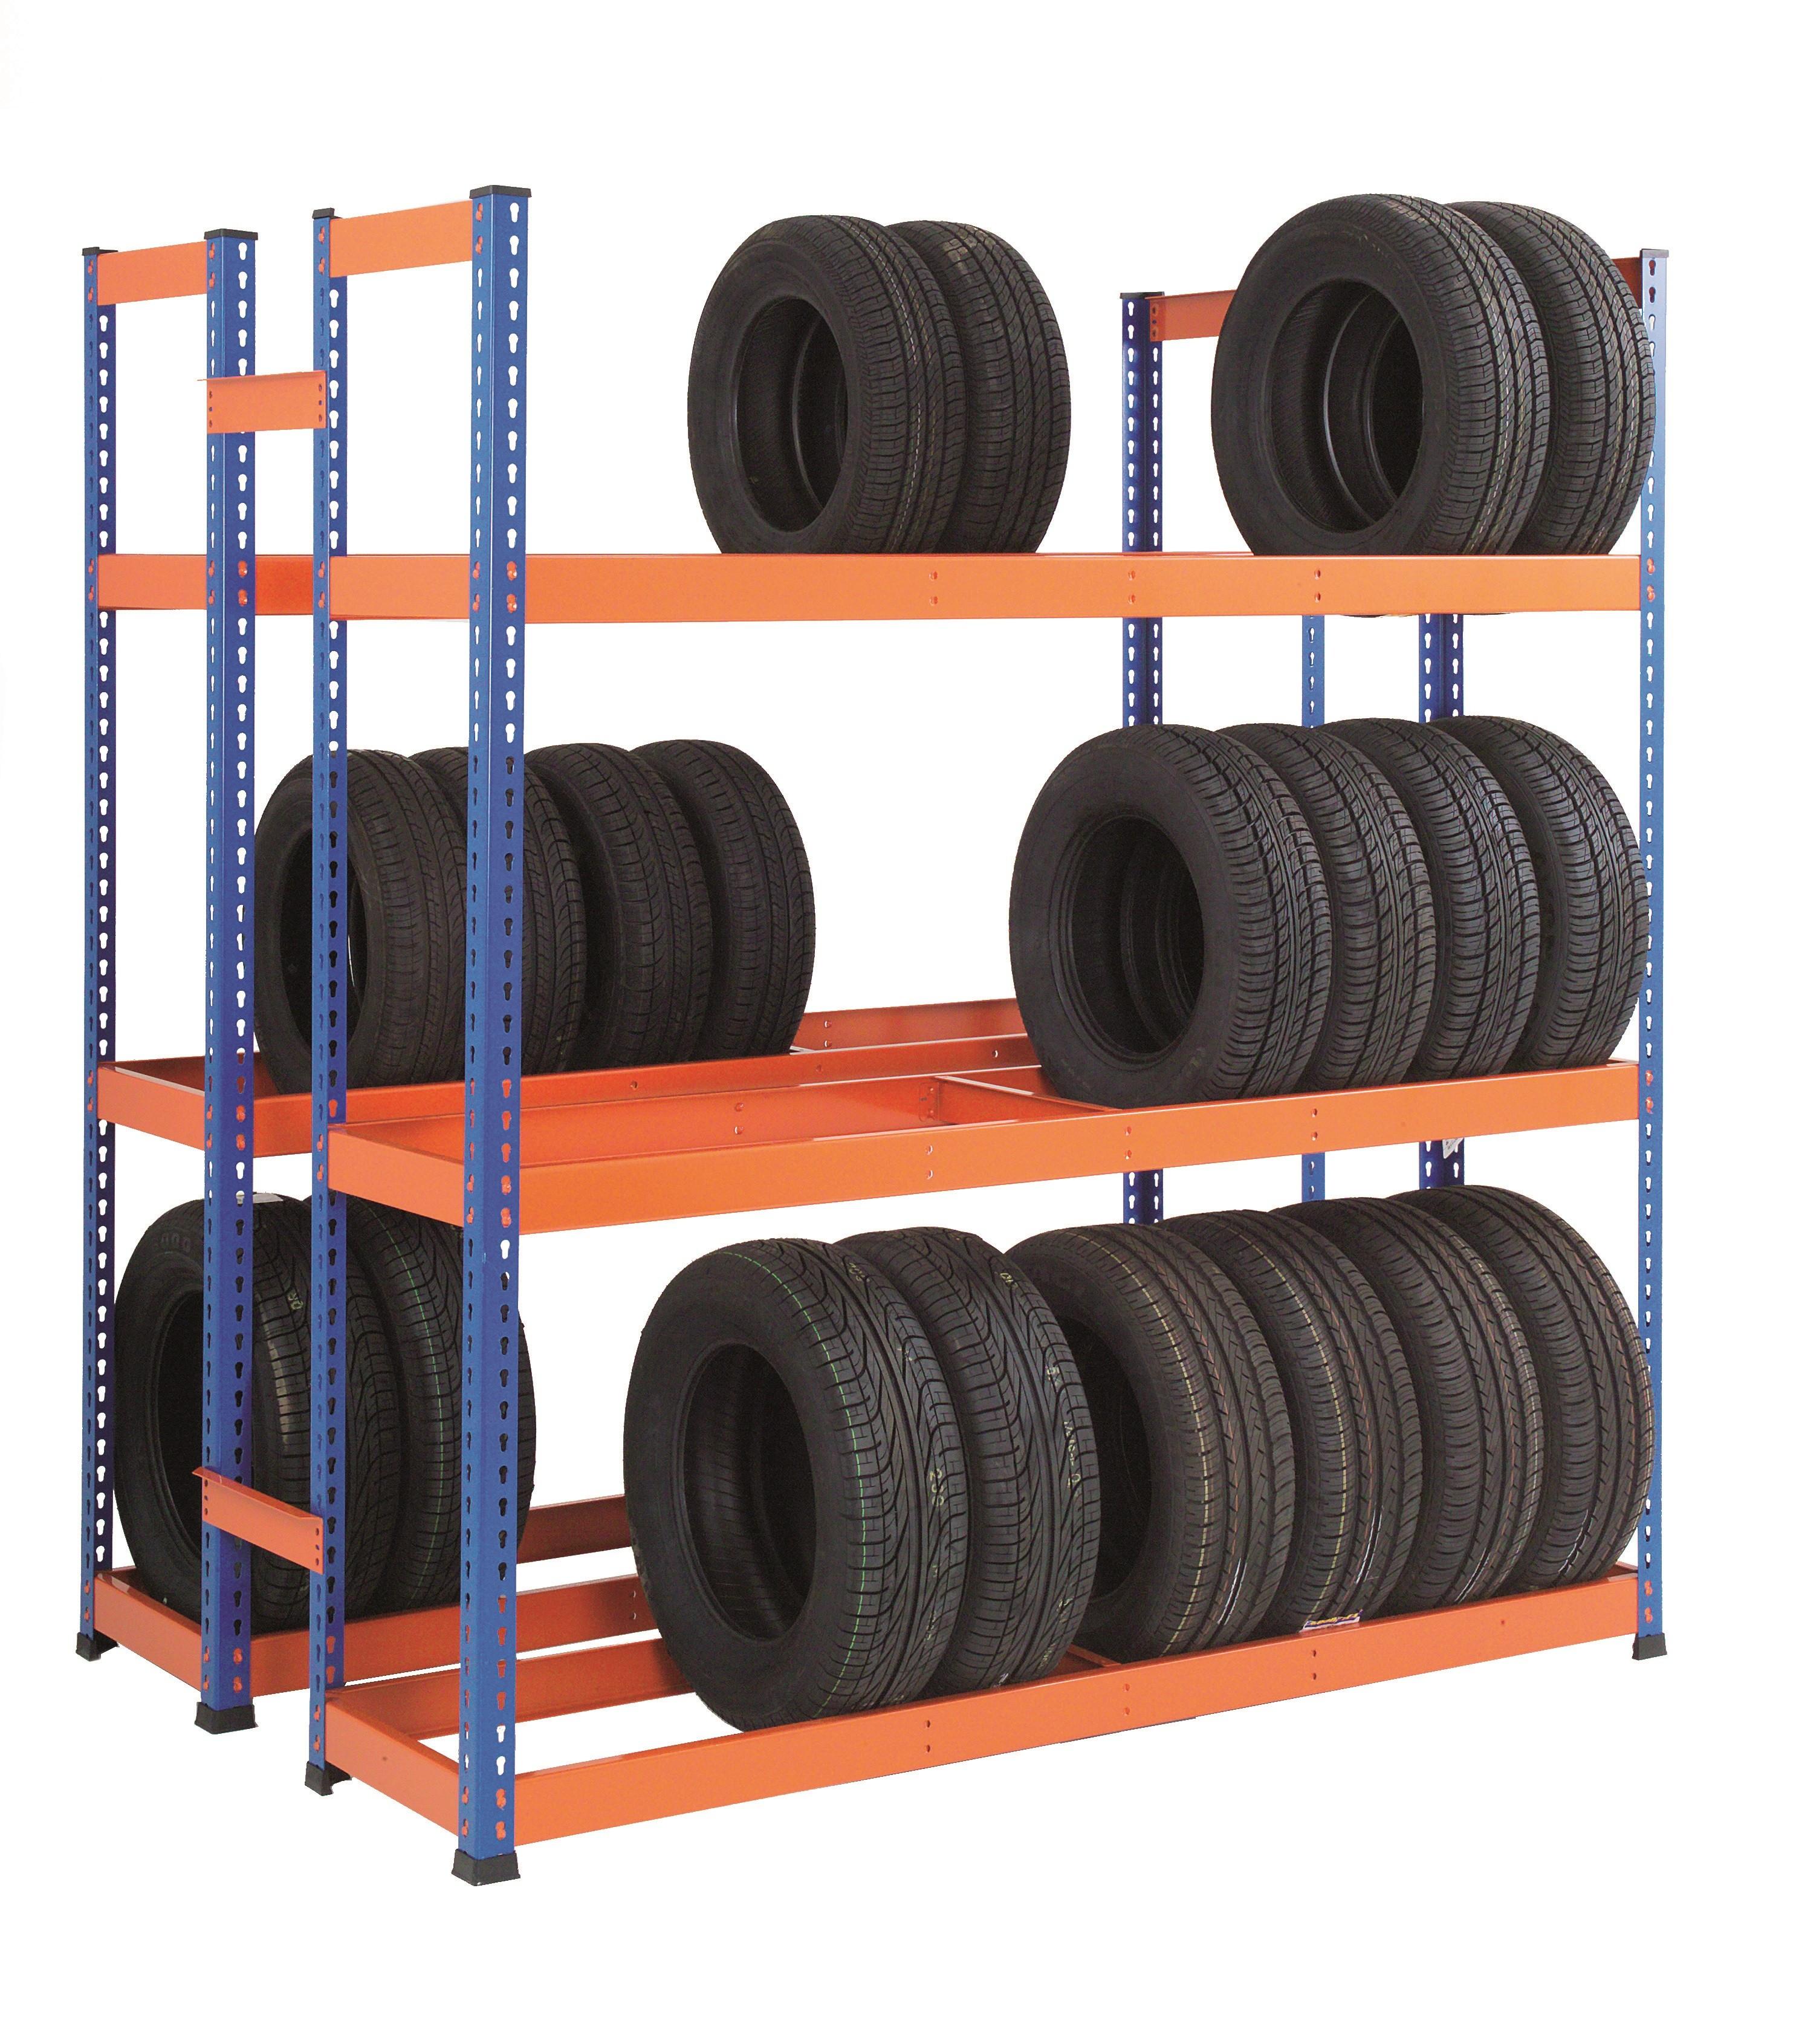 GS800 Heavy Duty Tyre Rack – Double Sided